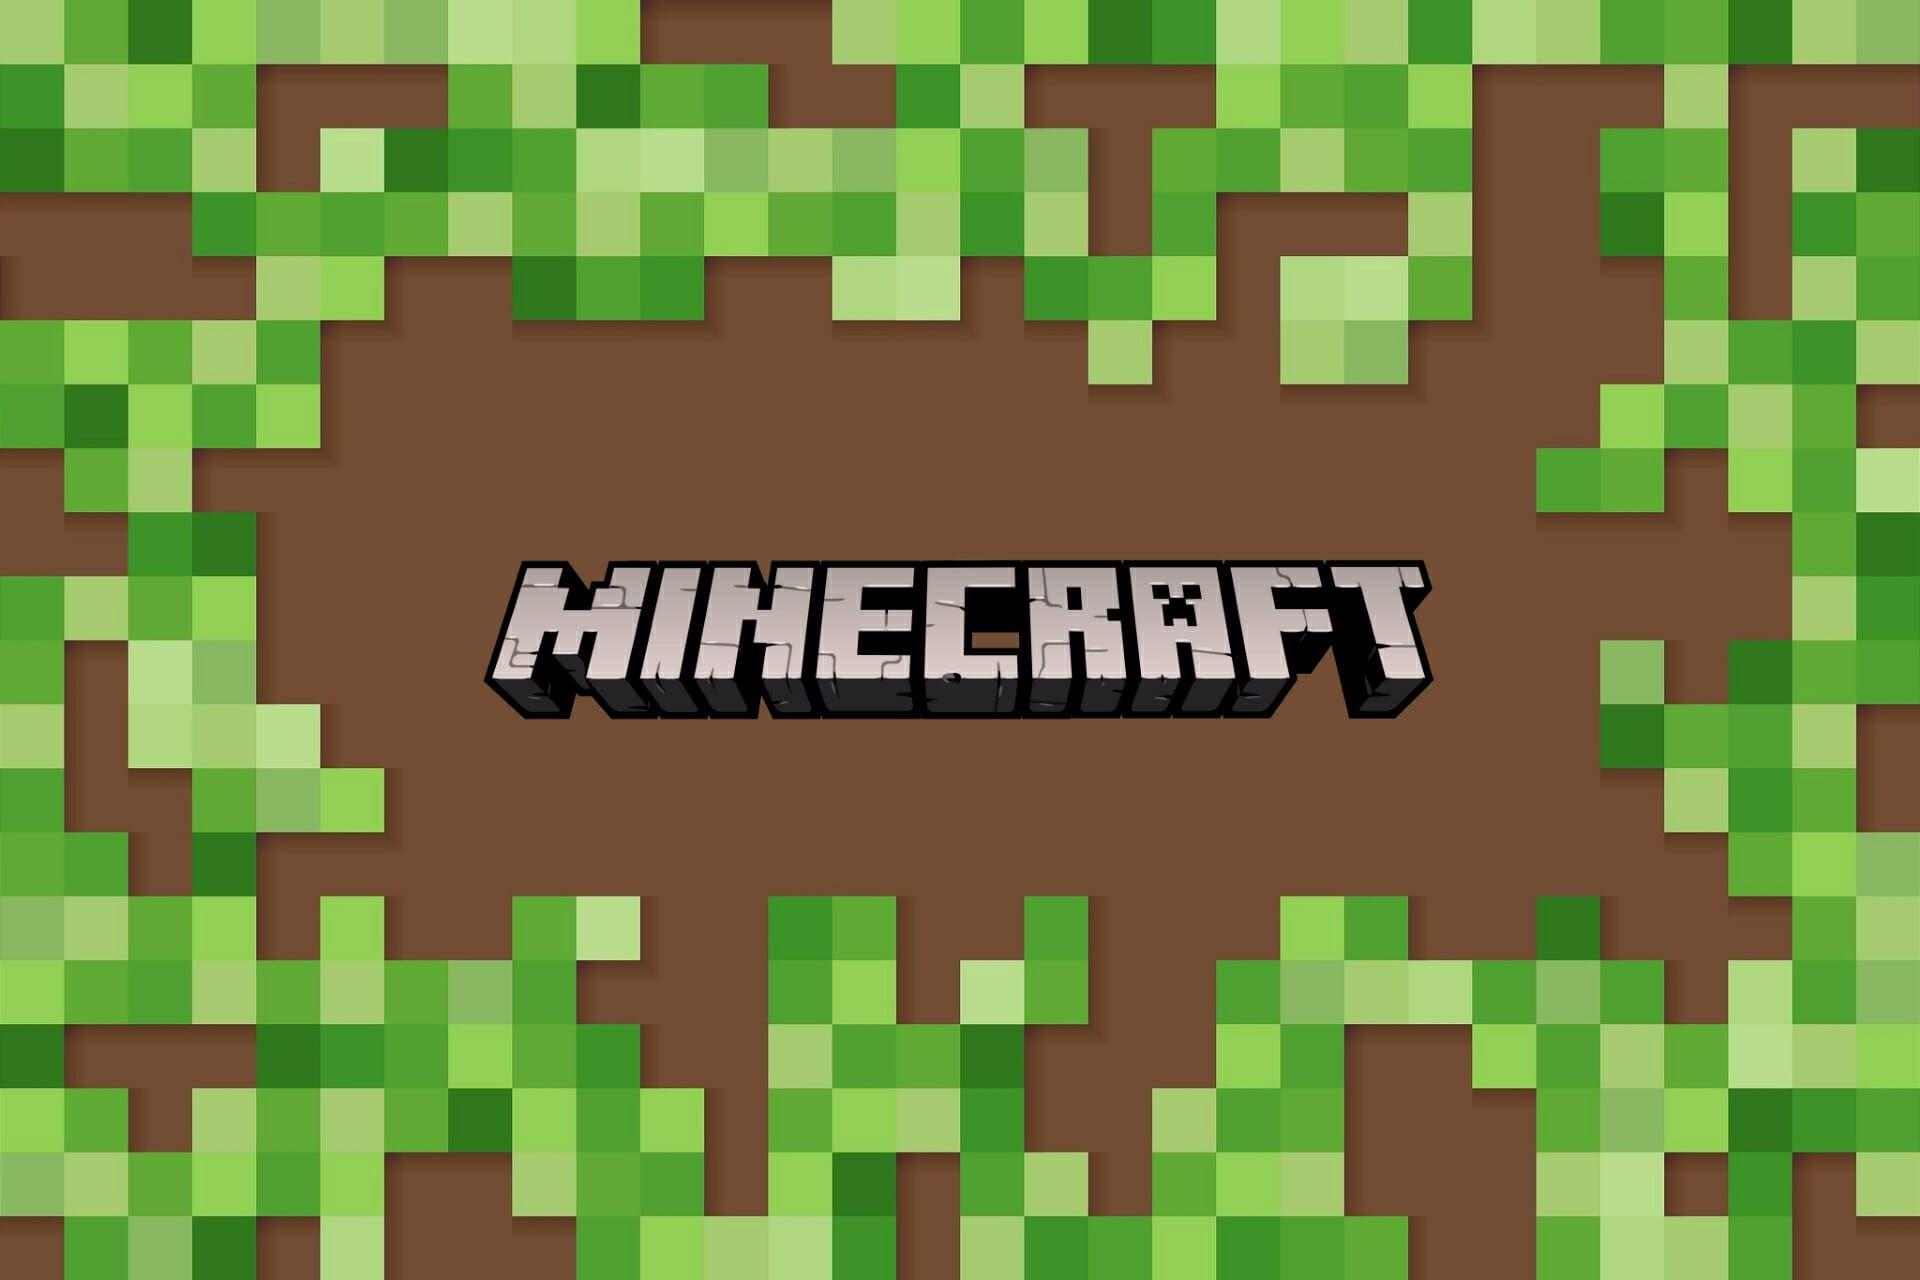 58102527f190874c24c77773f39d7d1c - How To Get Minecraft Java If You Have Windows 10